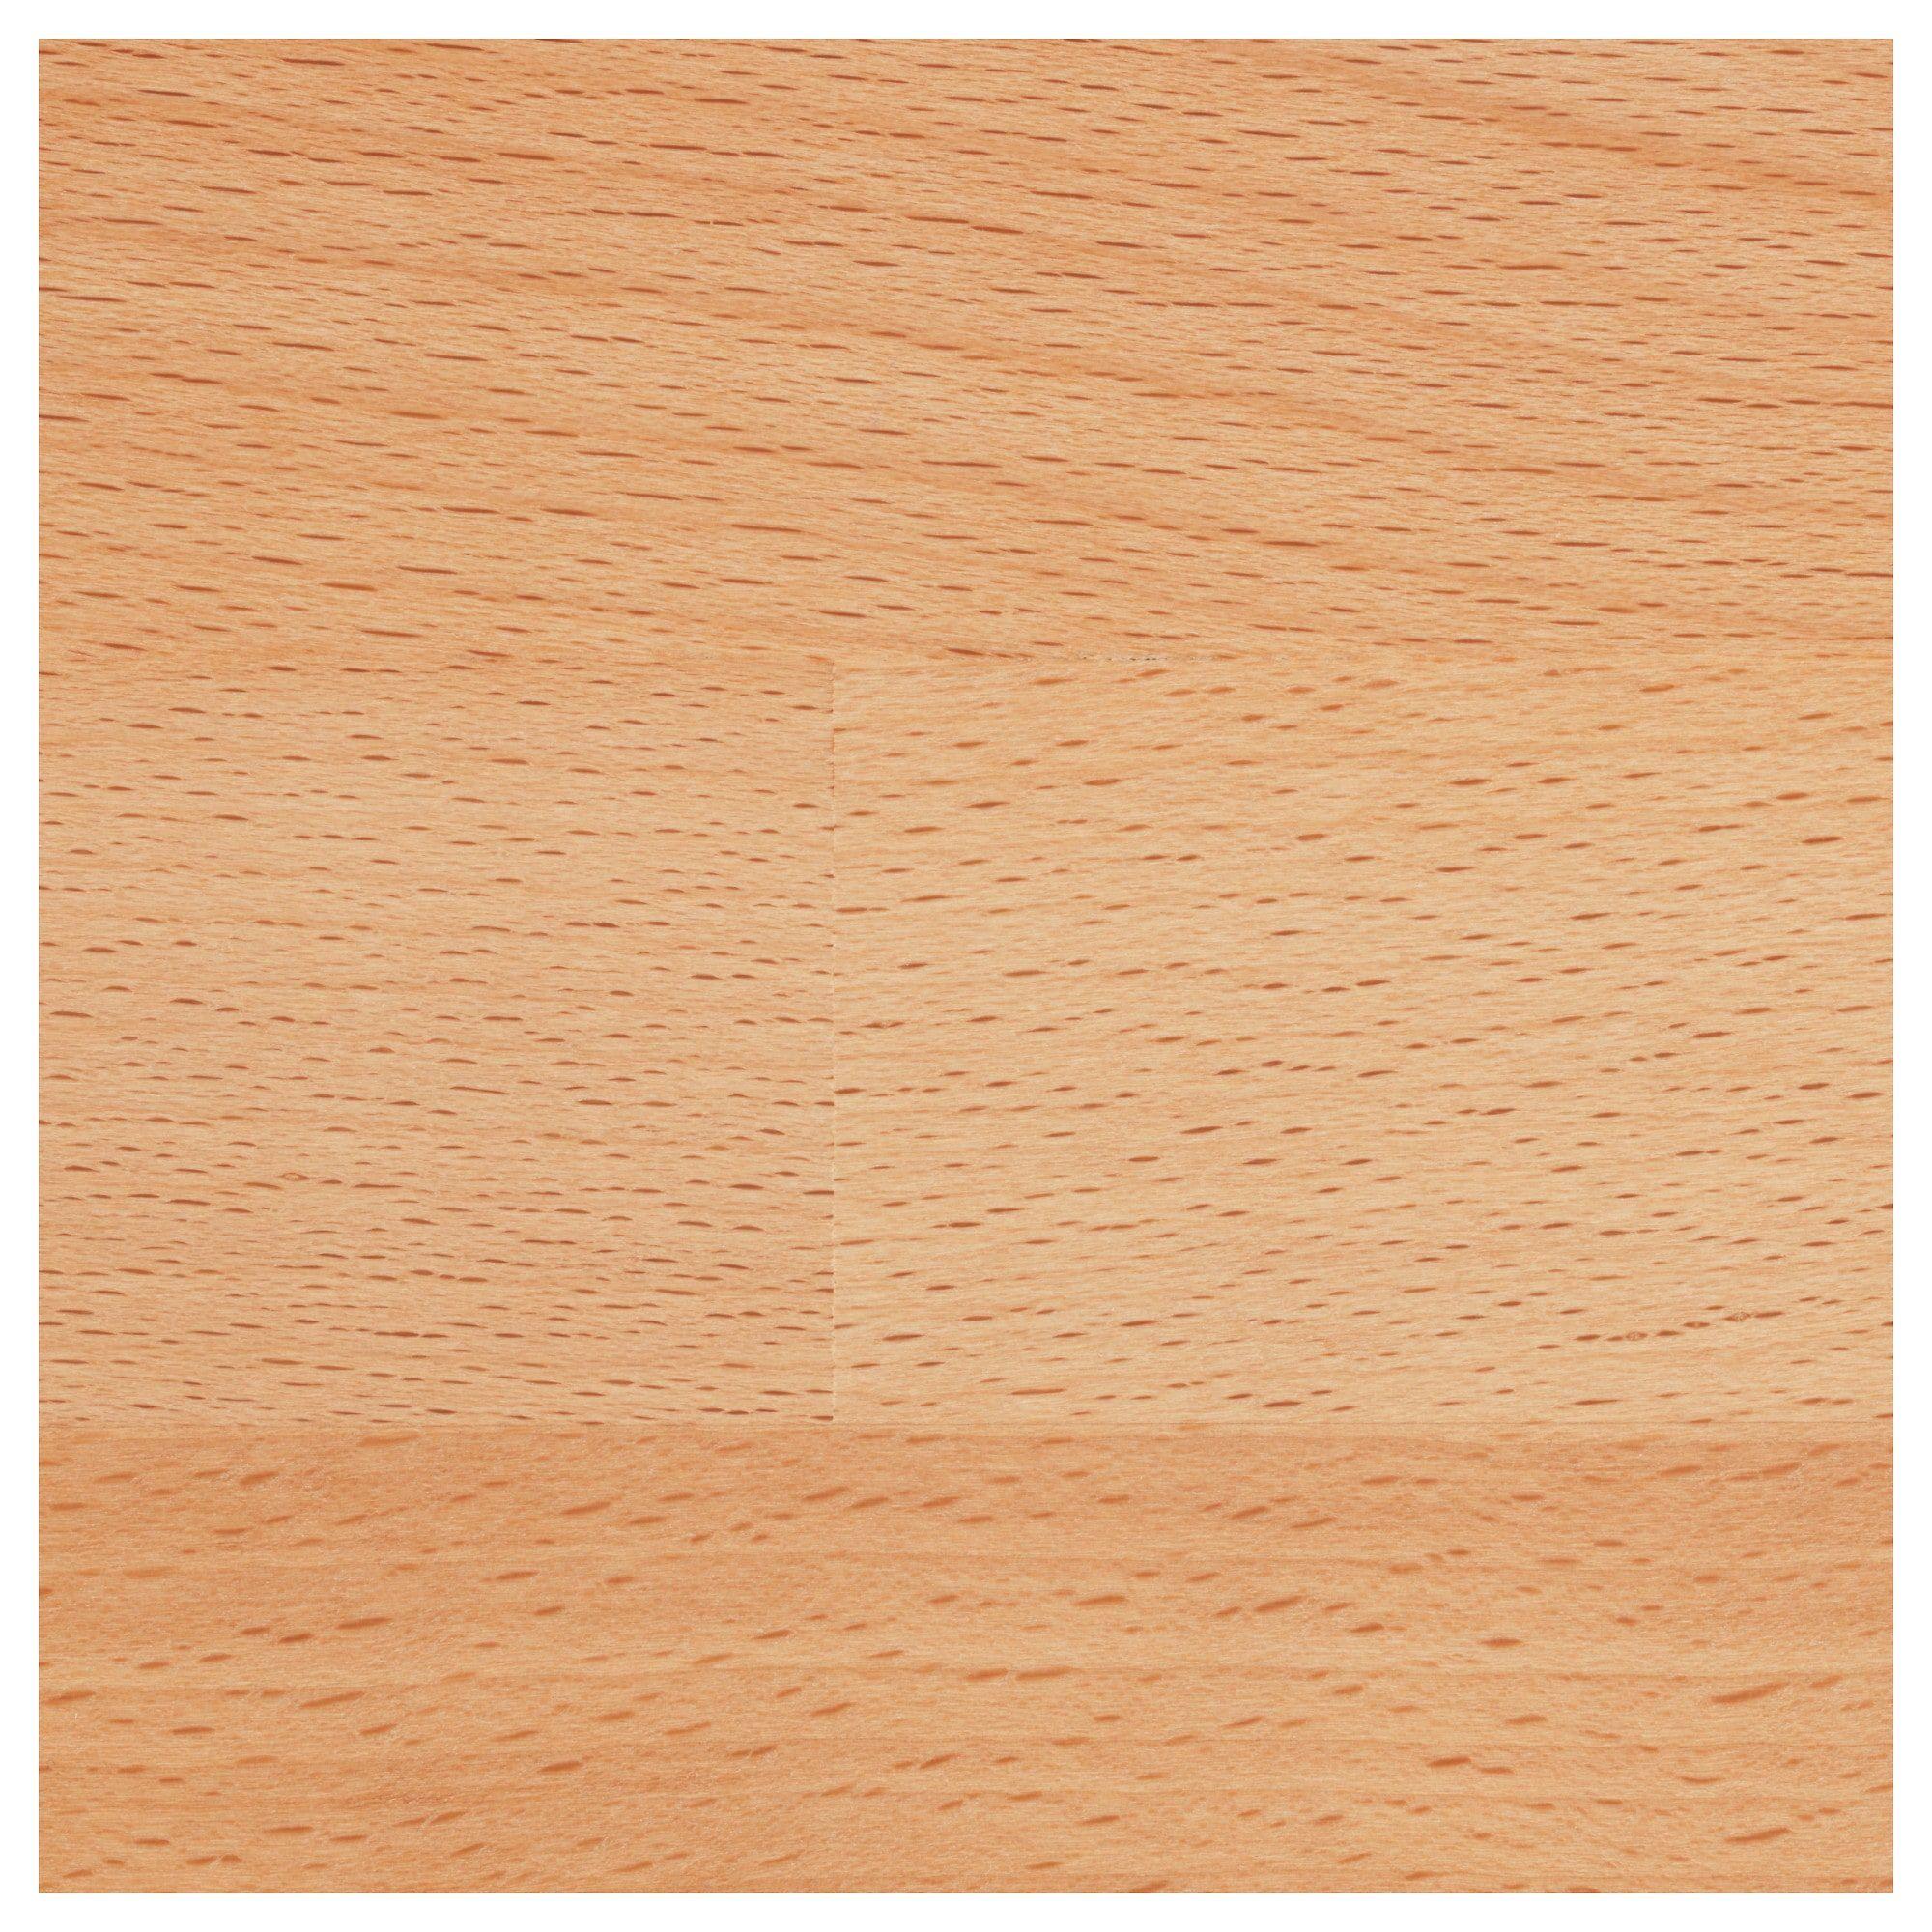 Skogarp Massarbeitsplatte Buche Massivholz Holz Ikea Und Arbeitsplatte